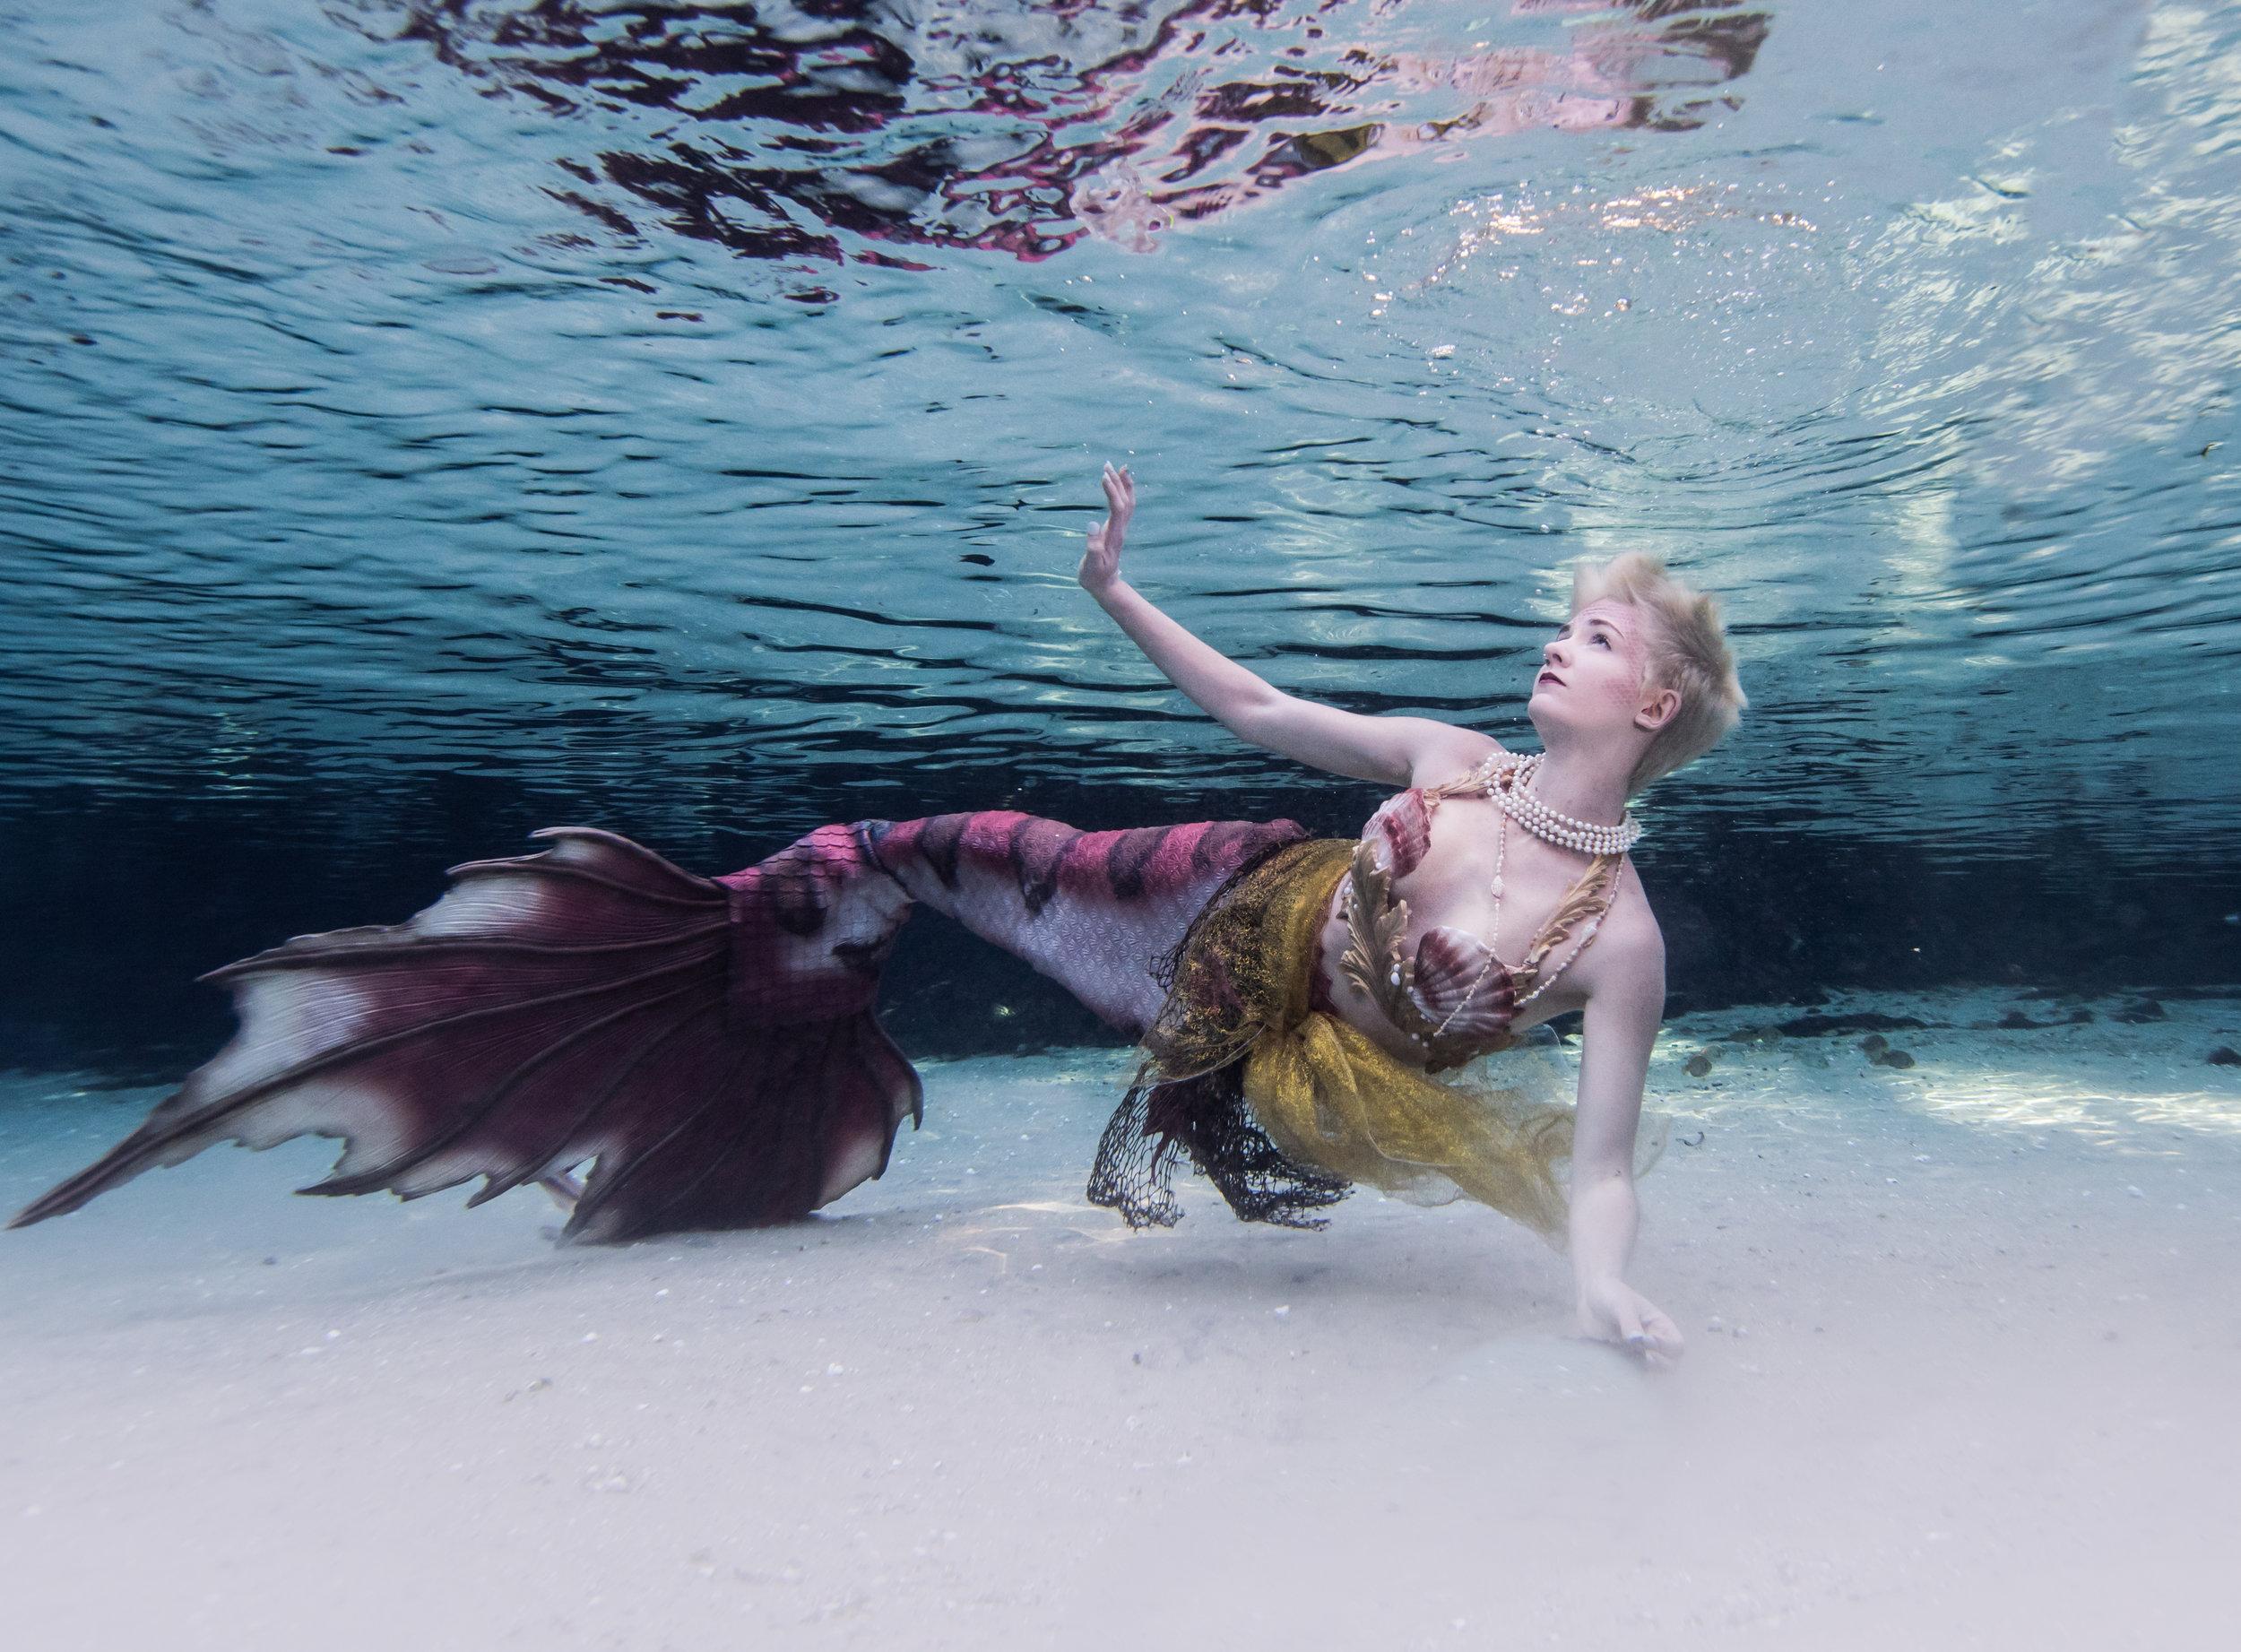 JTAqua_Underwater_SilverGlen_katelynR-4.jpg